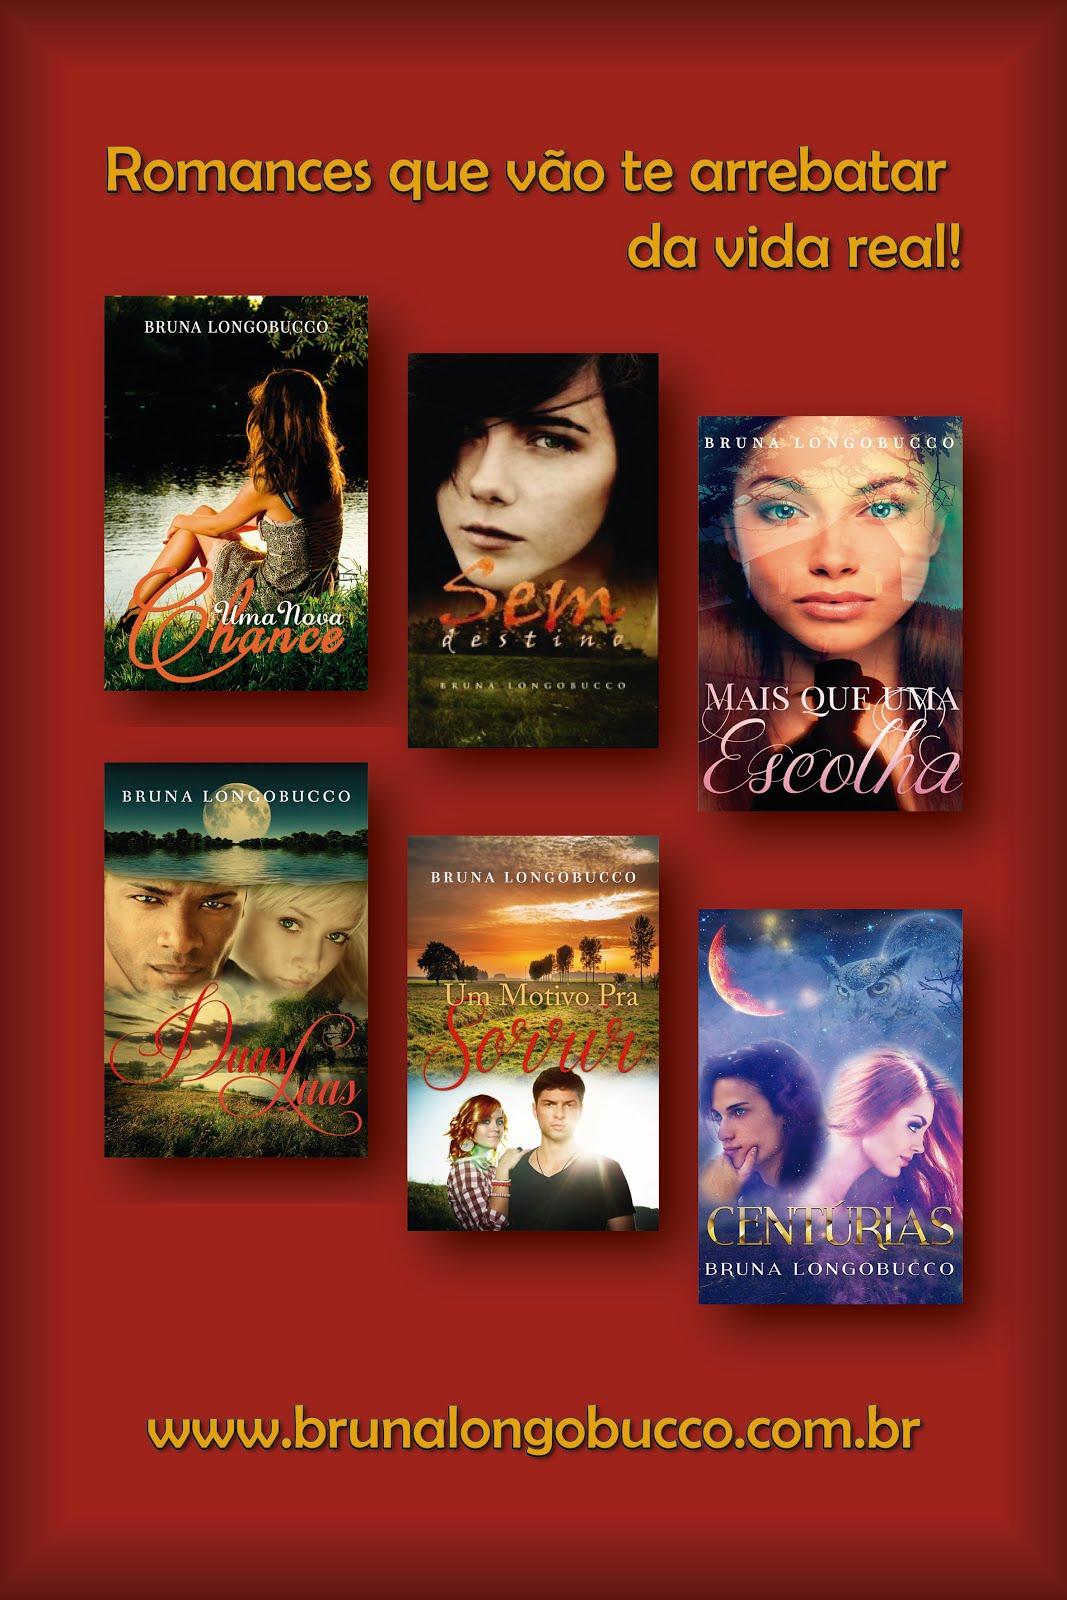 Meus livros!